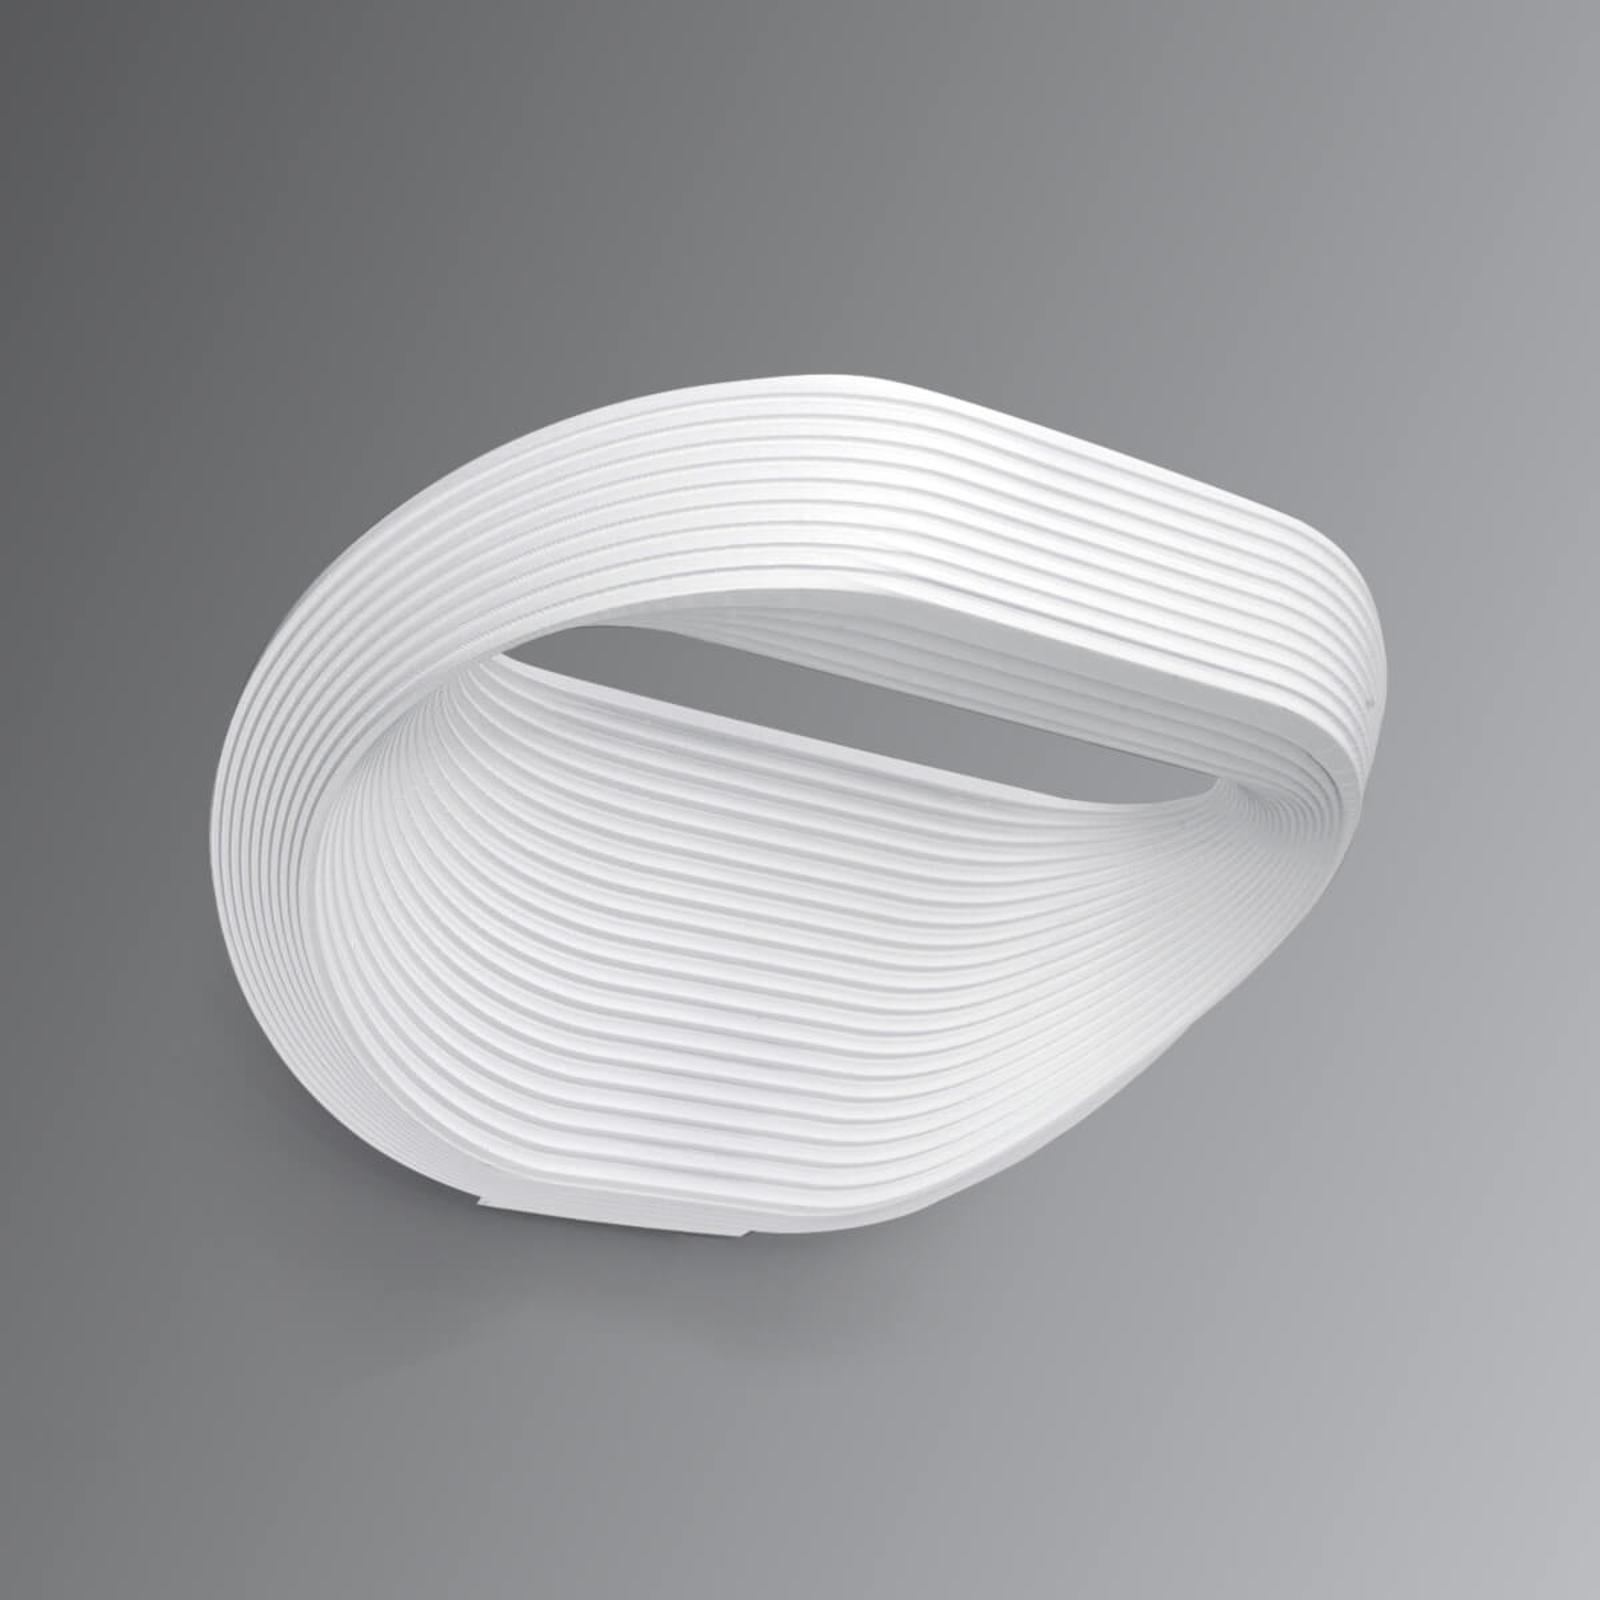 Applique LED Sestessa 24, au design raffiné